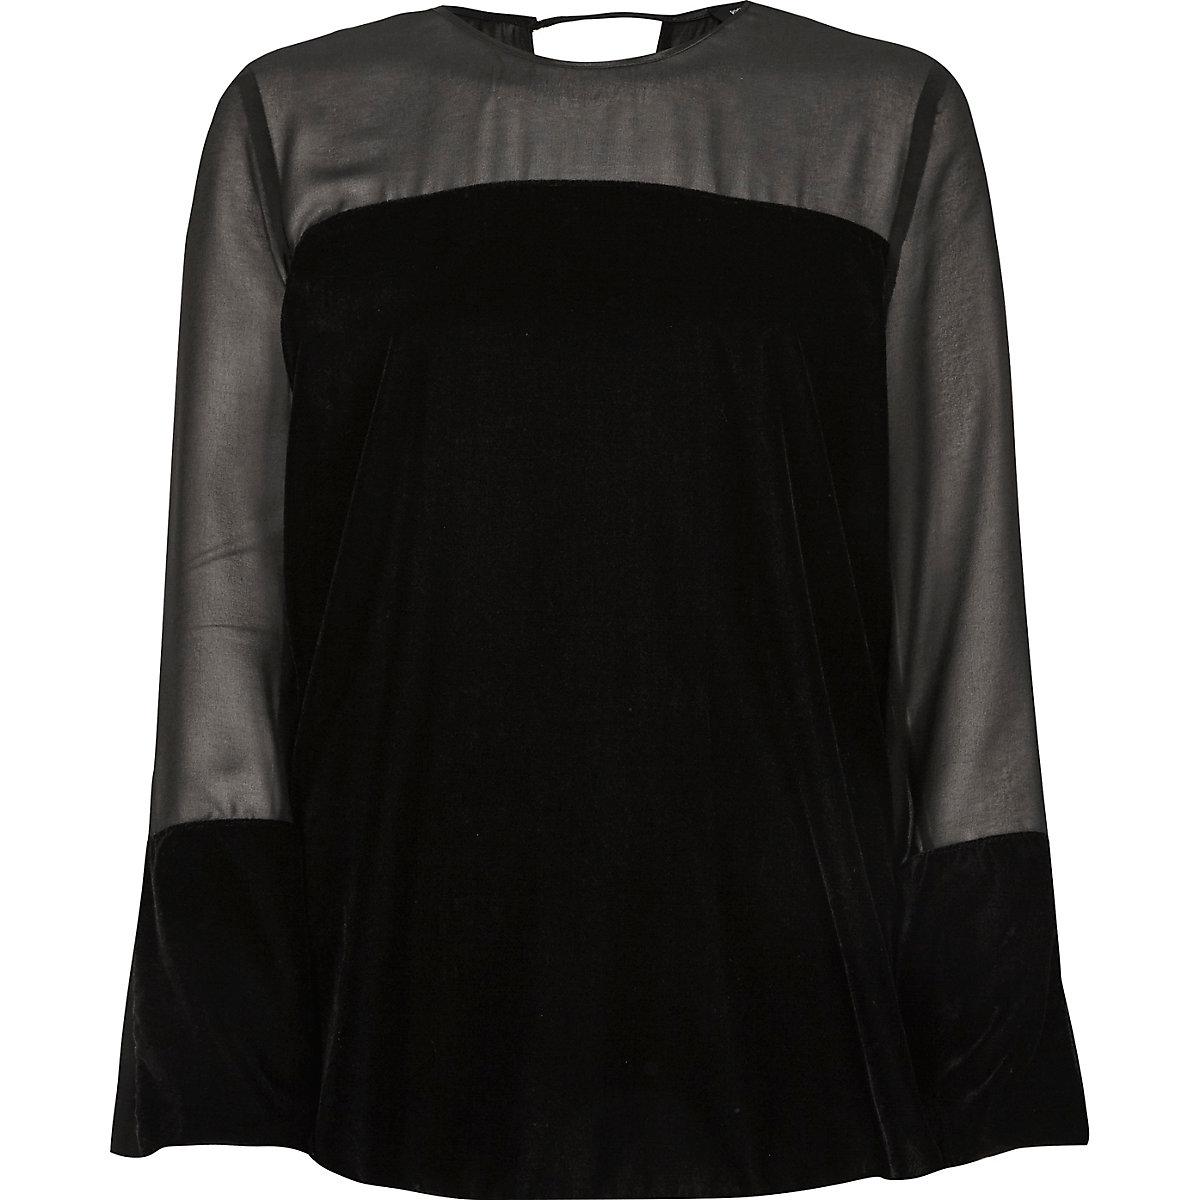 Black sheer insert velvet top